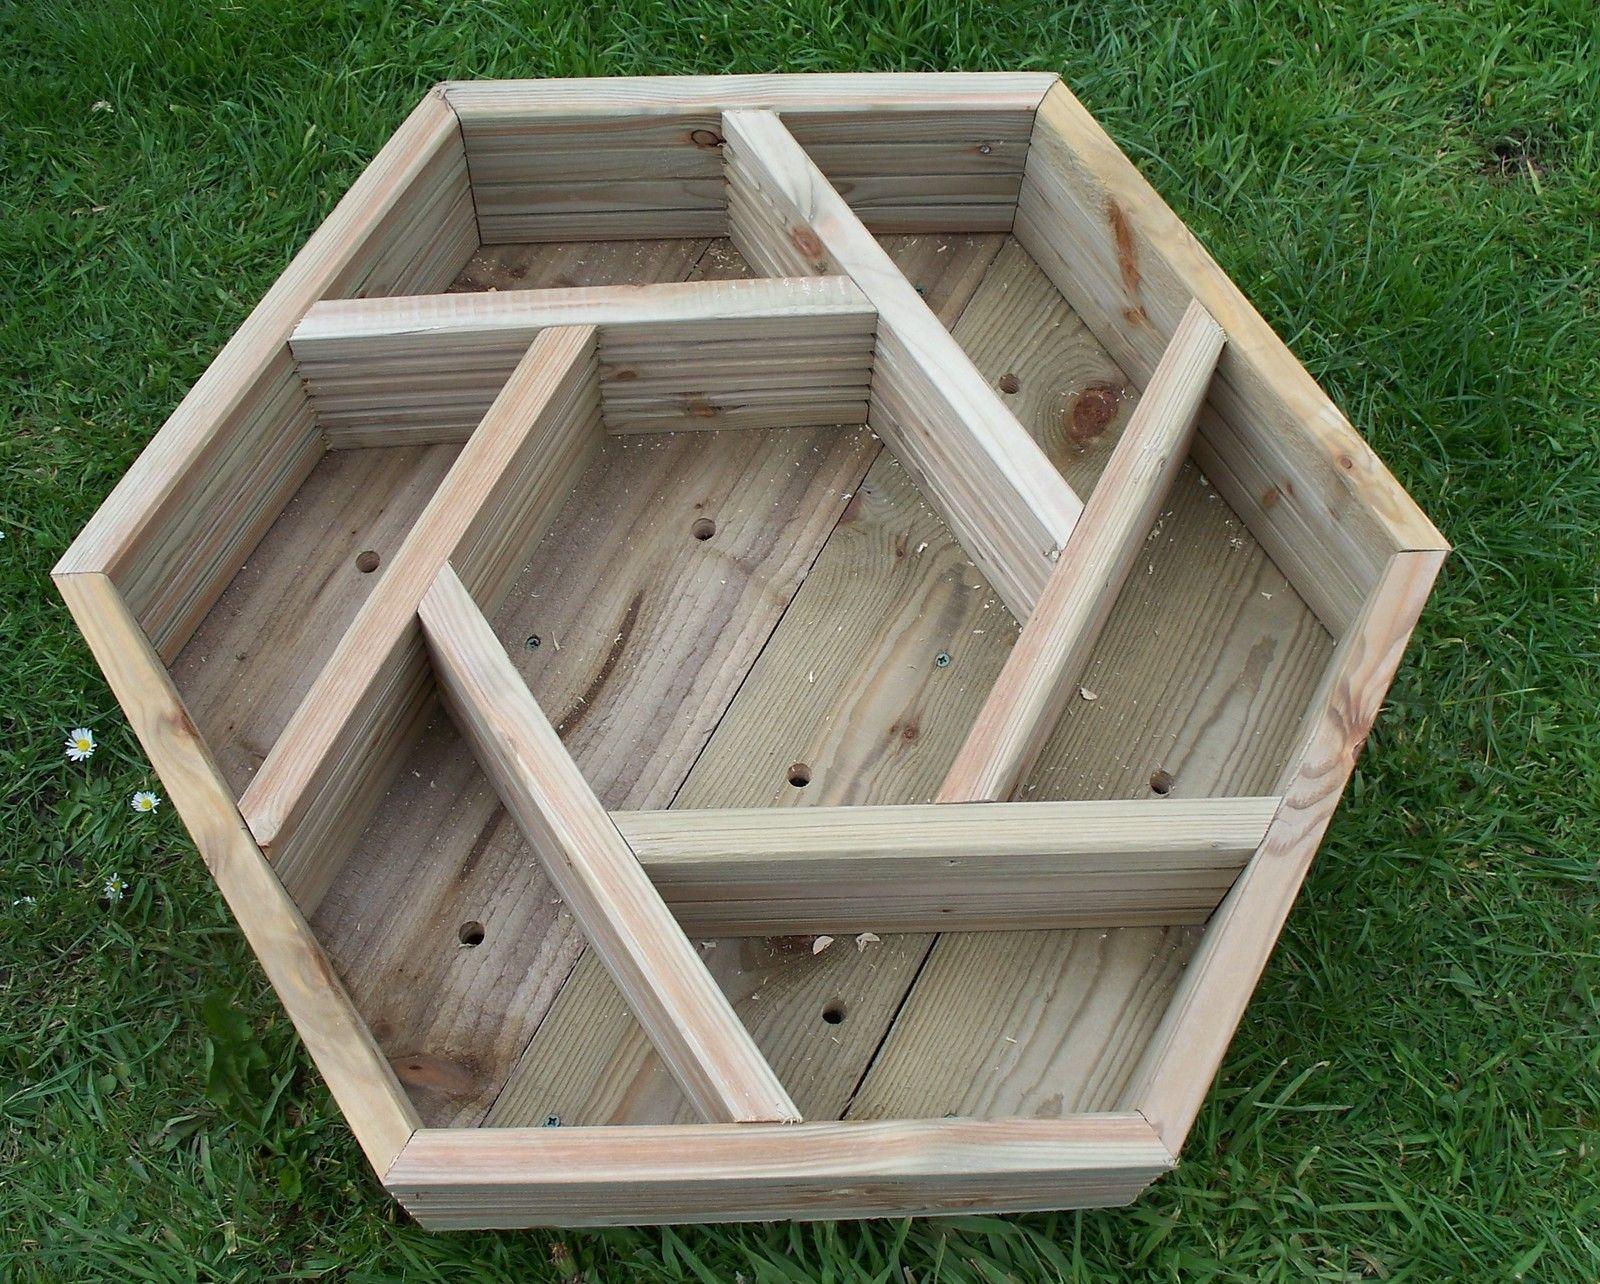 Wooden Herb Wheel Planter, Wood Trough,timber Hexagonal